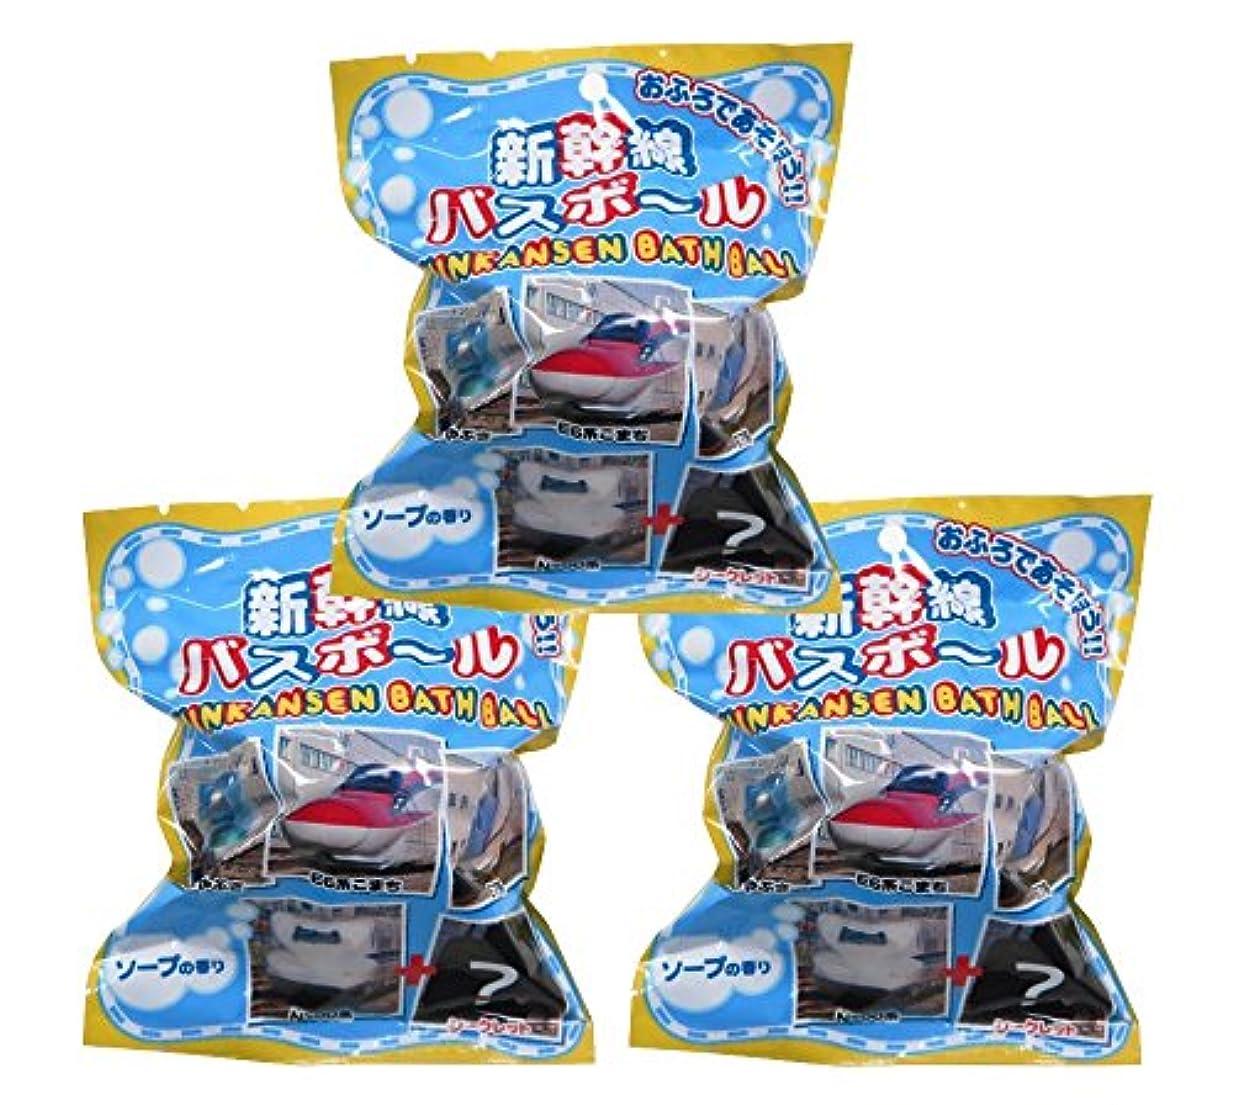 天皇石膏抵抗JR新幹線 入浴剤 マスコットが飛び出るバスボール 3個セット